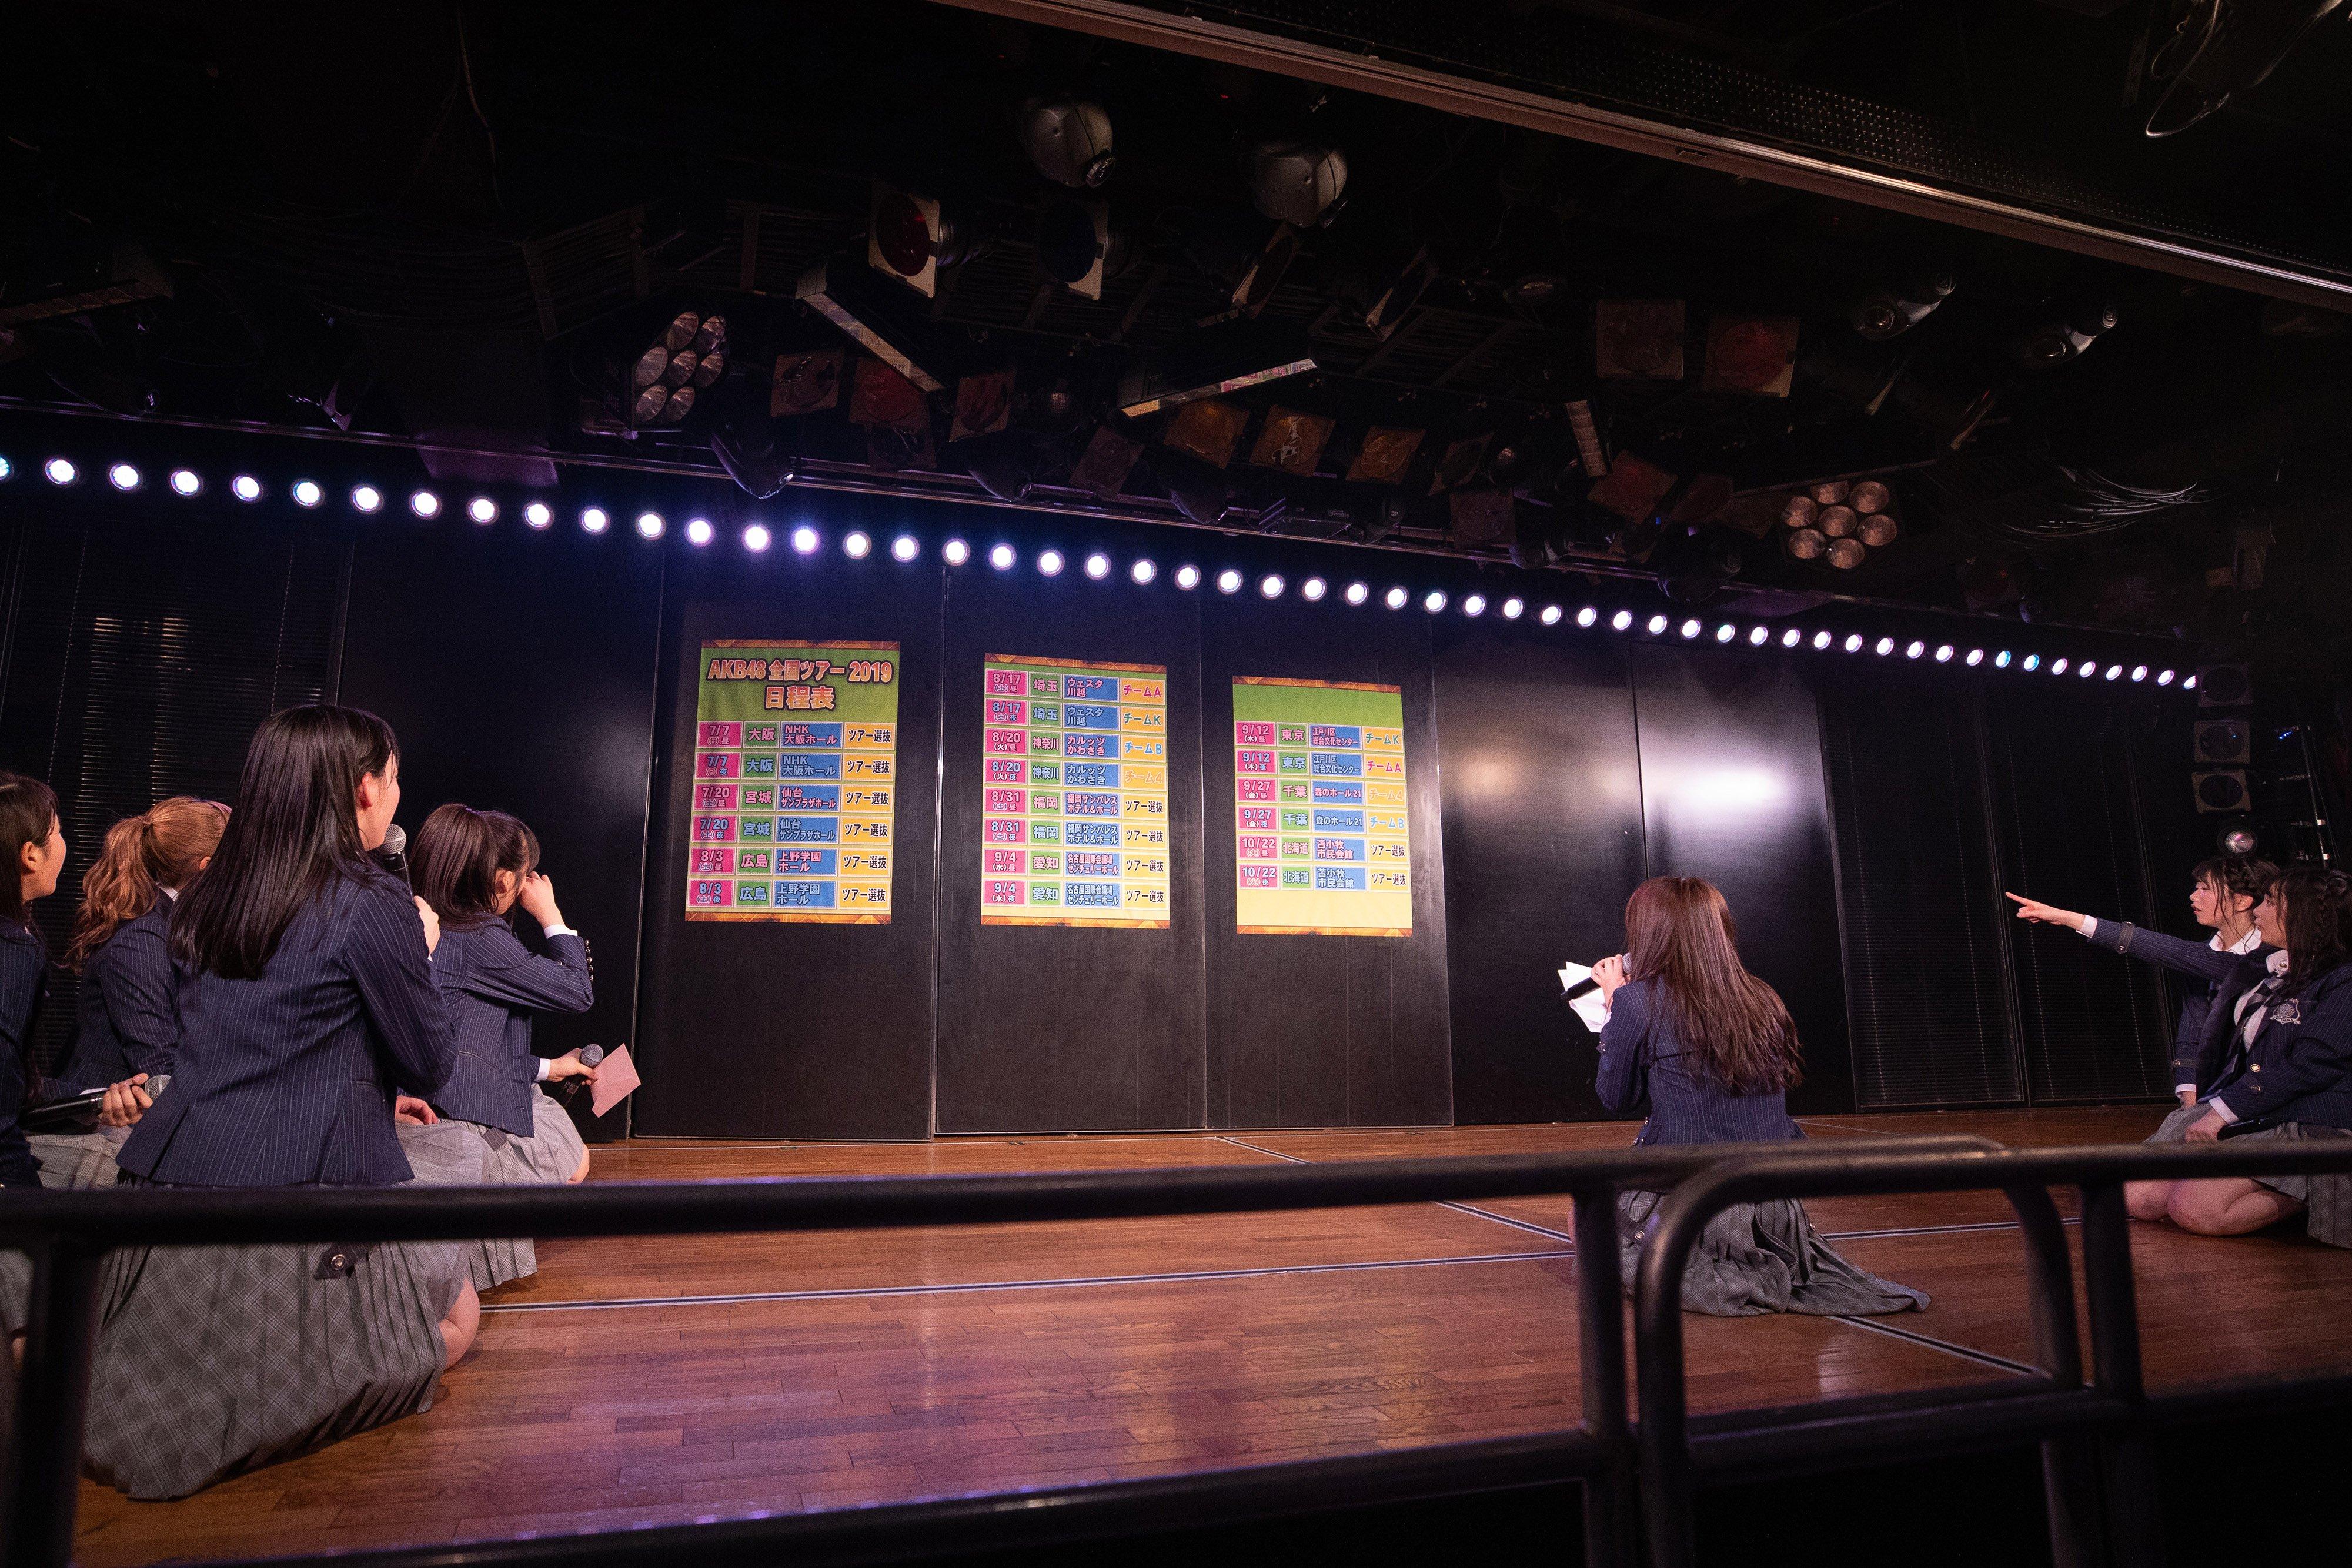 ⽇本全国10か所を巡る「AKB48全国ツアー2019」が7月から開始!【写真5枚】の画像004